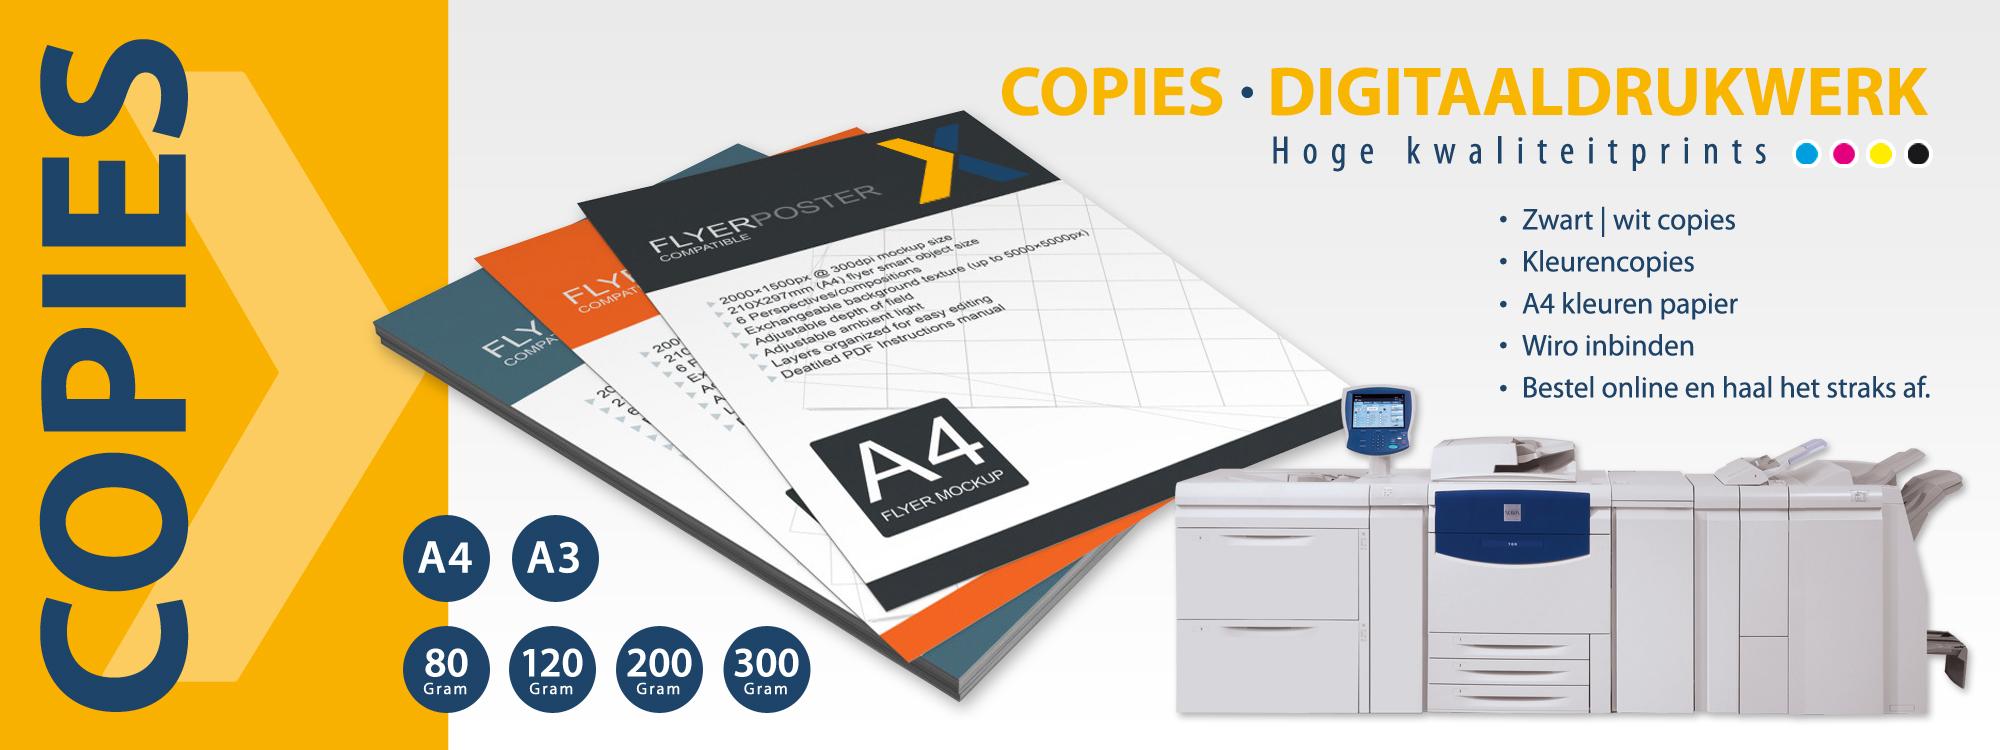 Copies, kleurencopies, zwart-wit copies, copies van hoge kwaliteit, digitaal drukwerk.